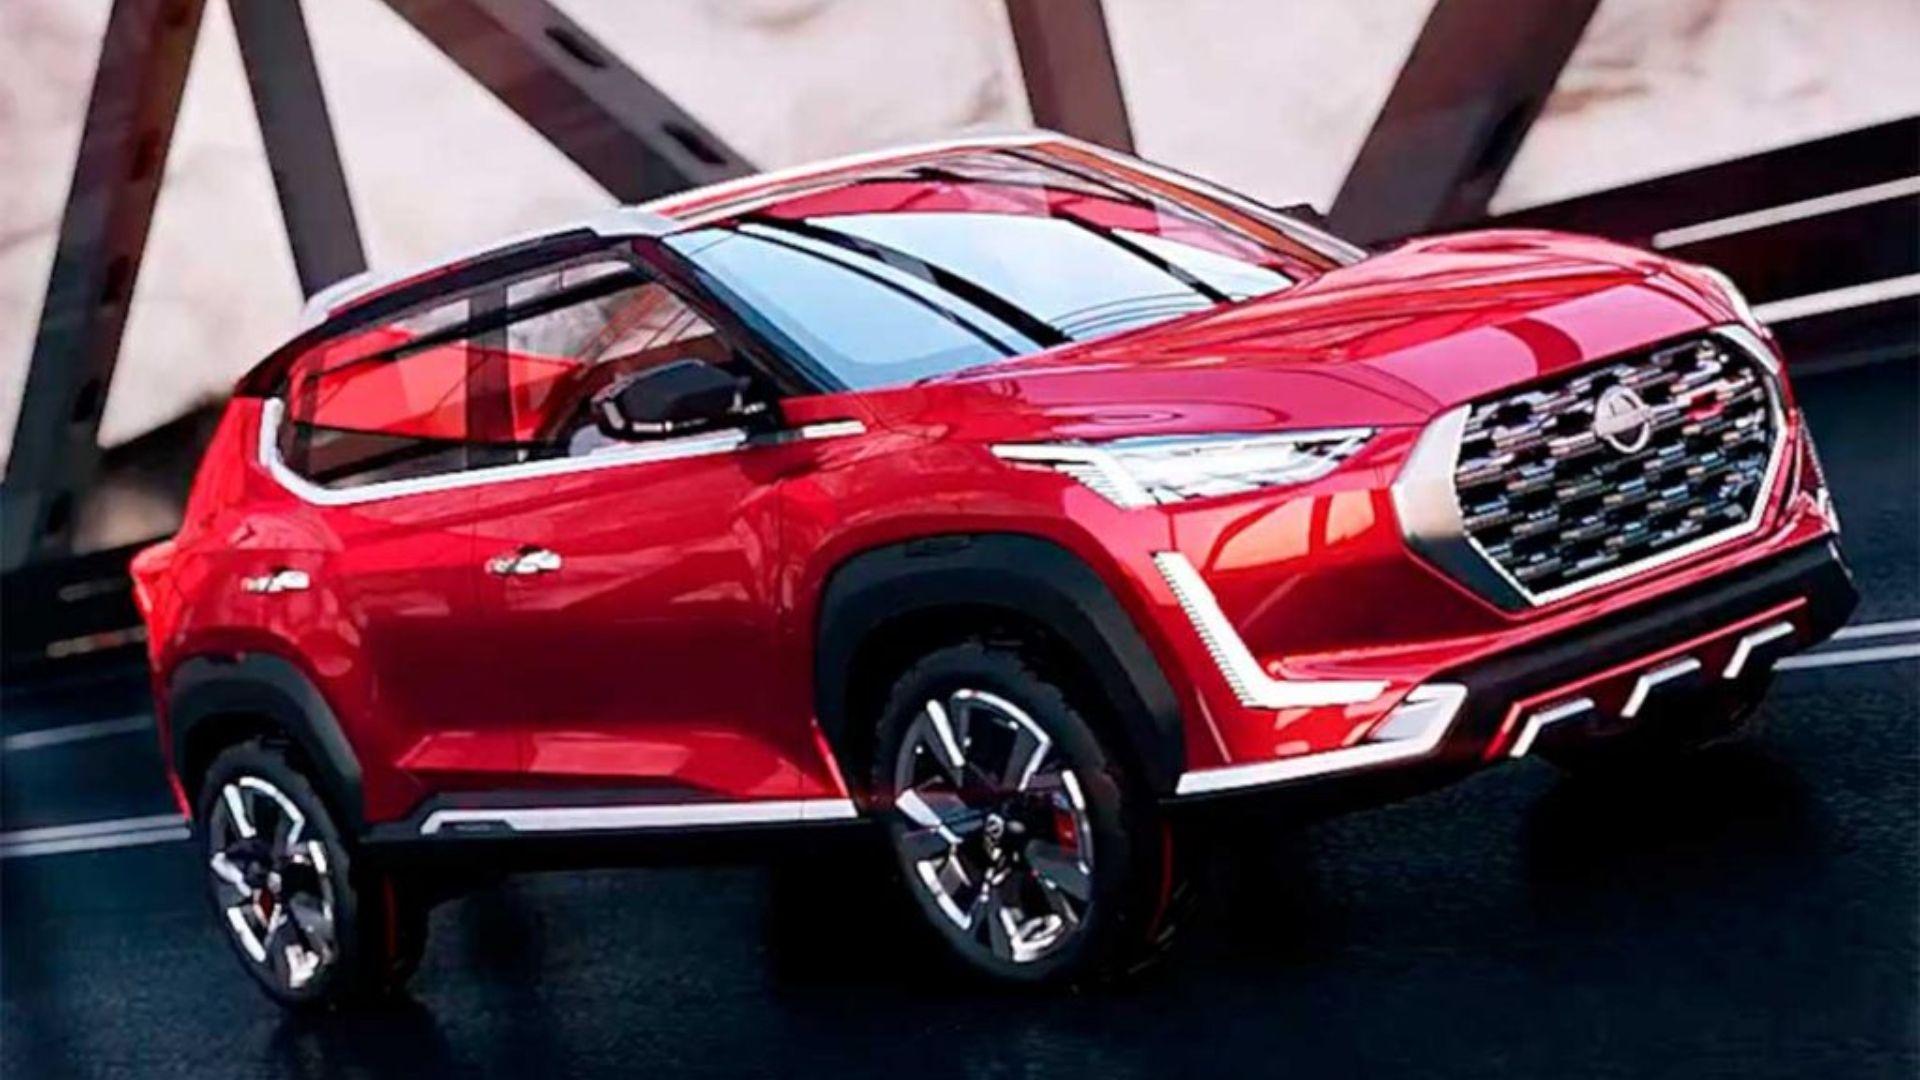 Parabrisas El Nuevo Suv Chico De Nissan Podria Reemplazar Al March